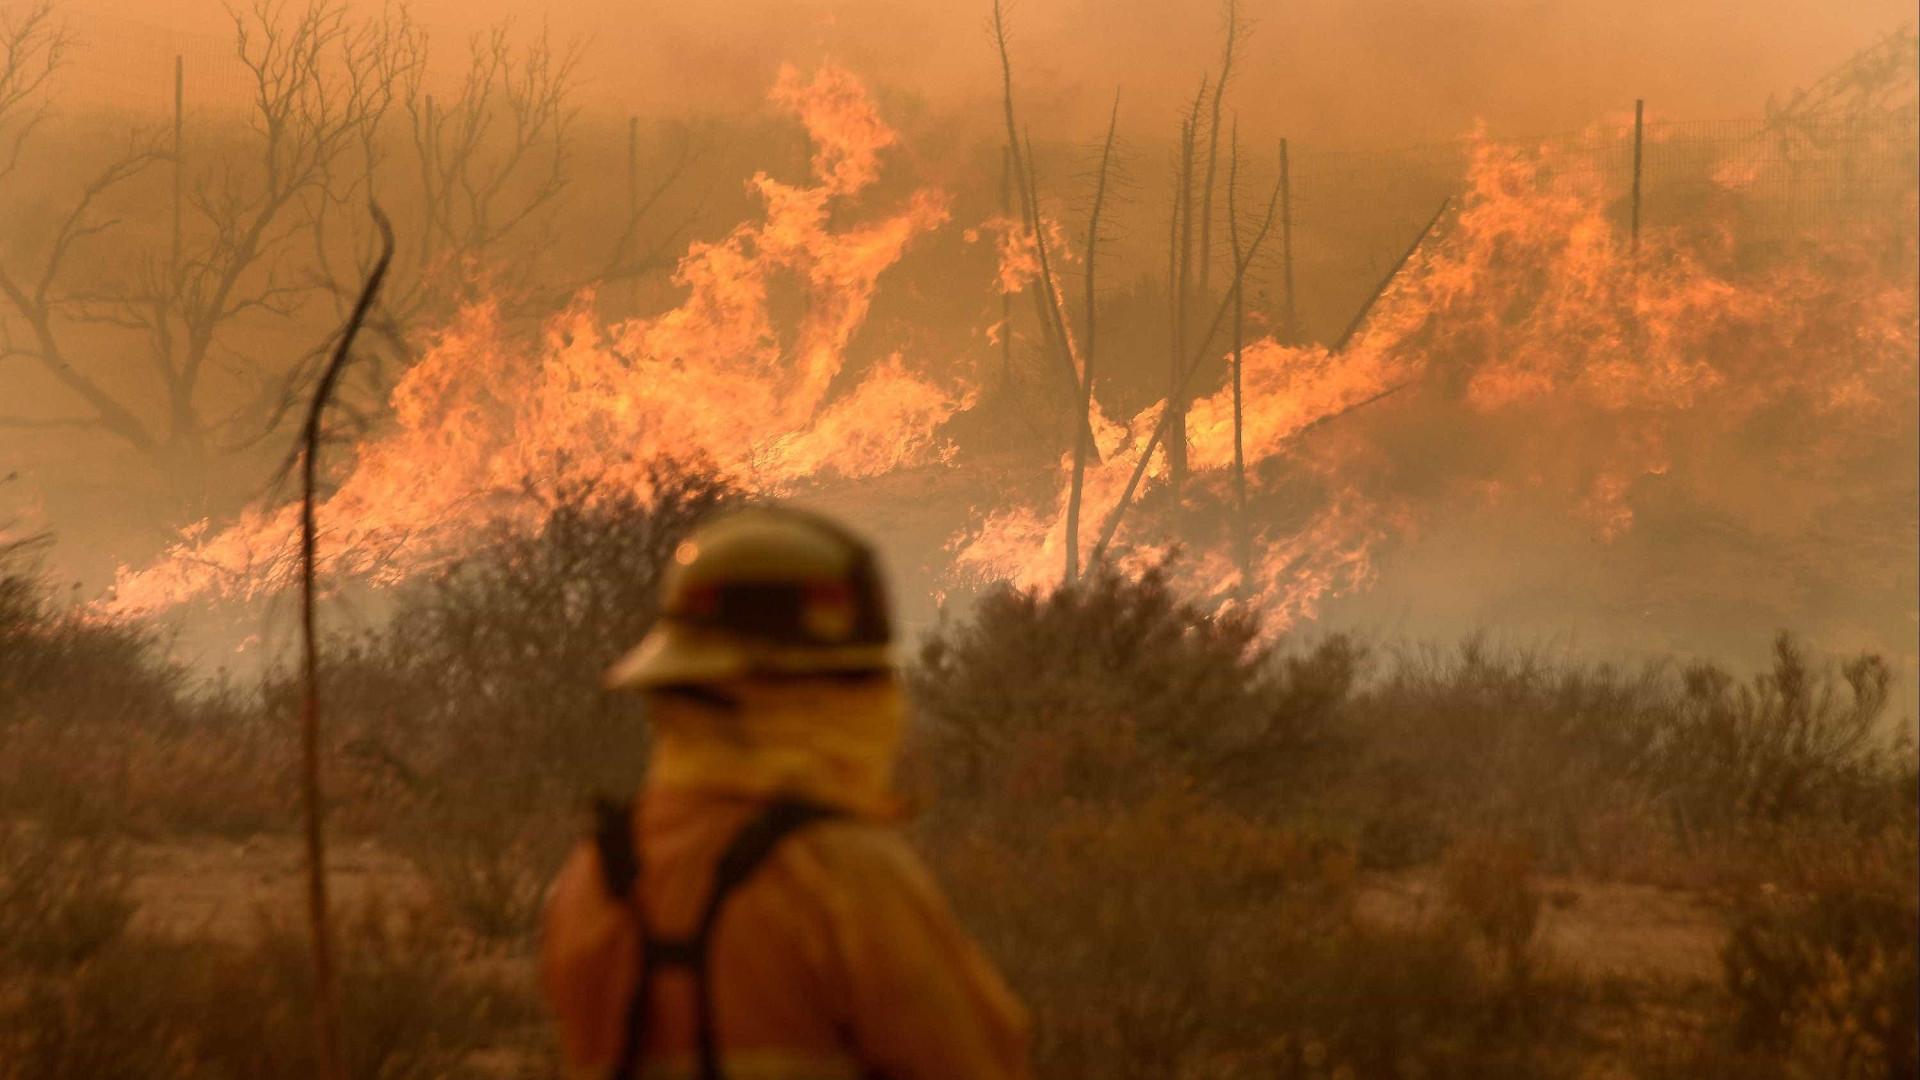 Cuidado: Os próximos dias trazem calor e um elevado risco de incêndio